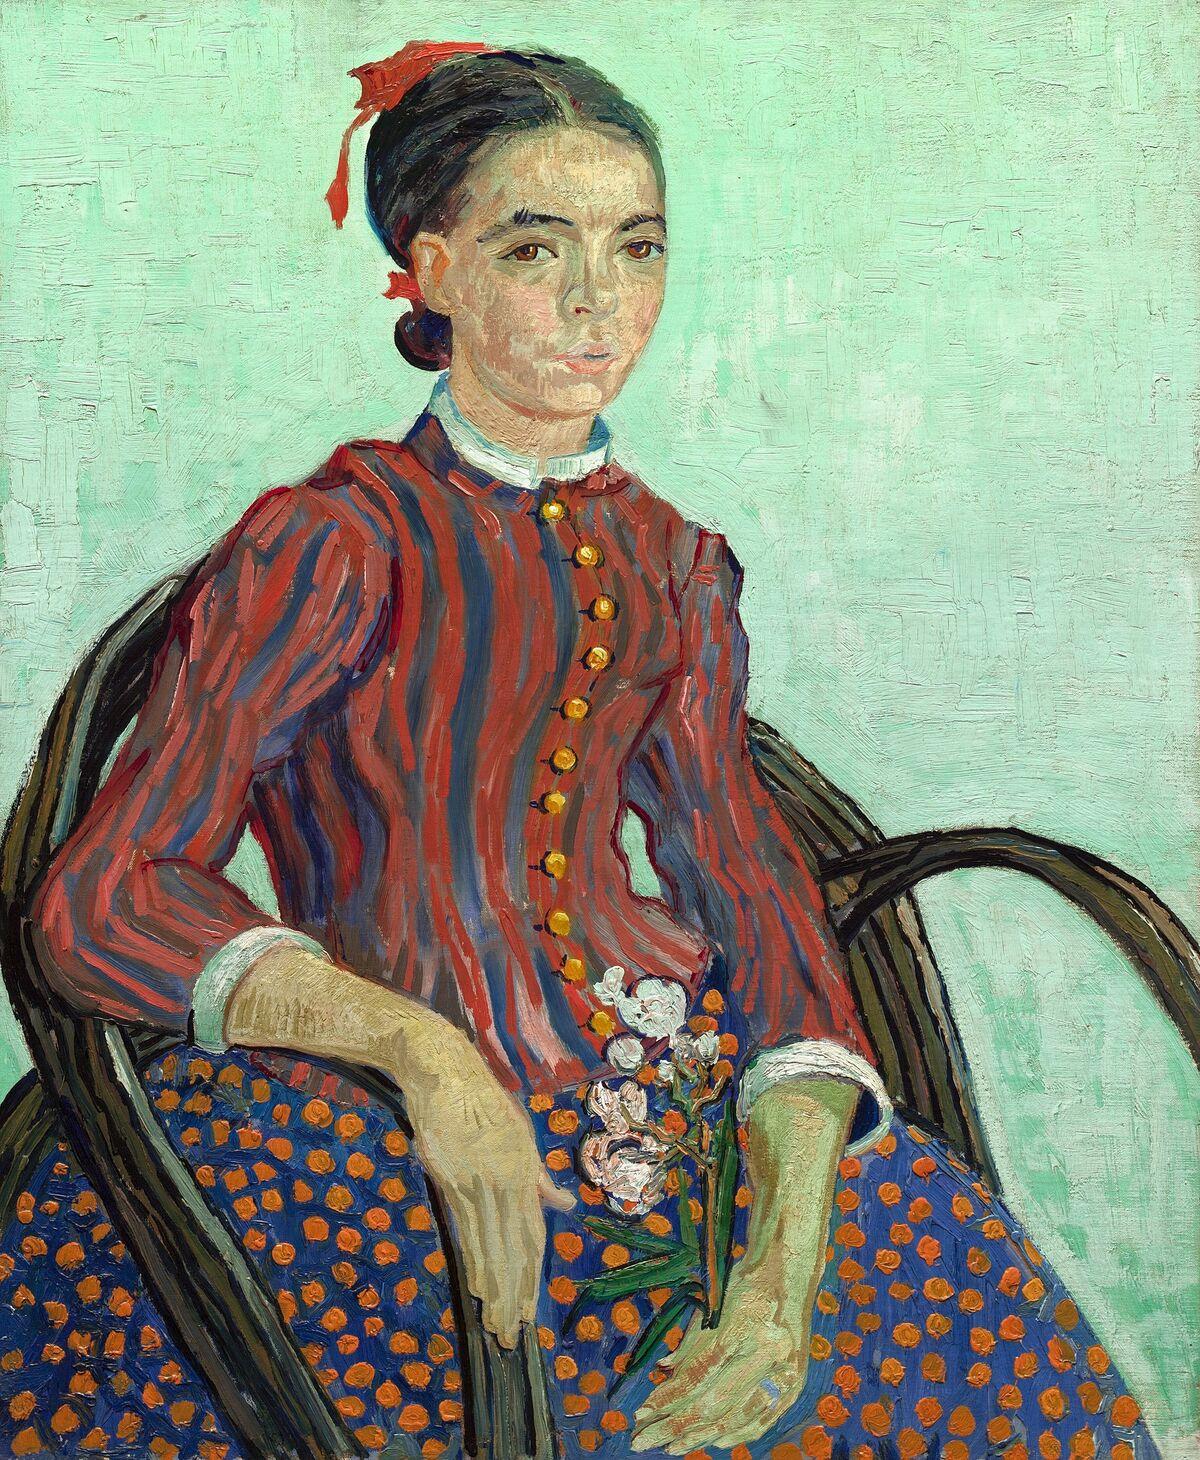 Vincent van Gogh, La Mousmé, 1888. Image via Wikimedia Commons.